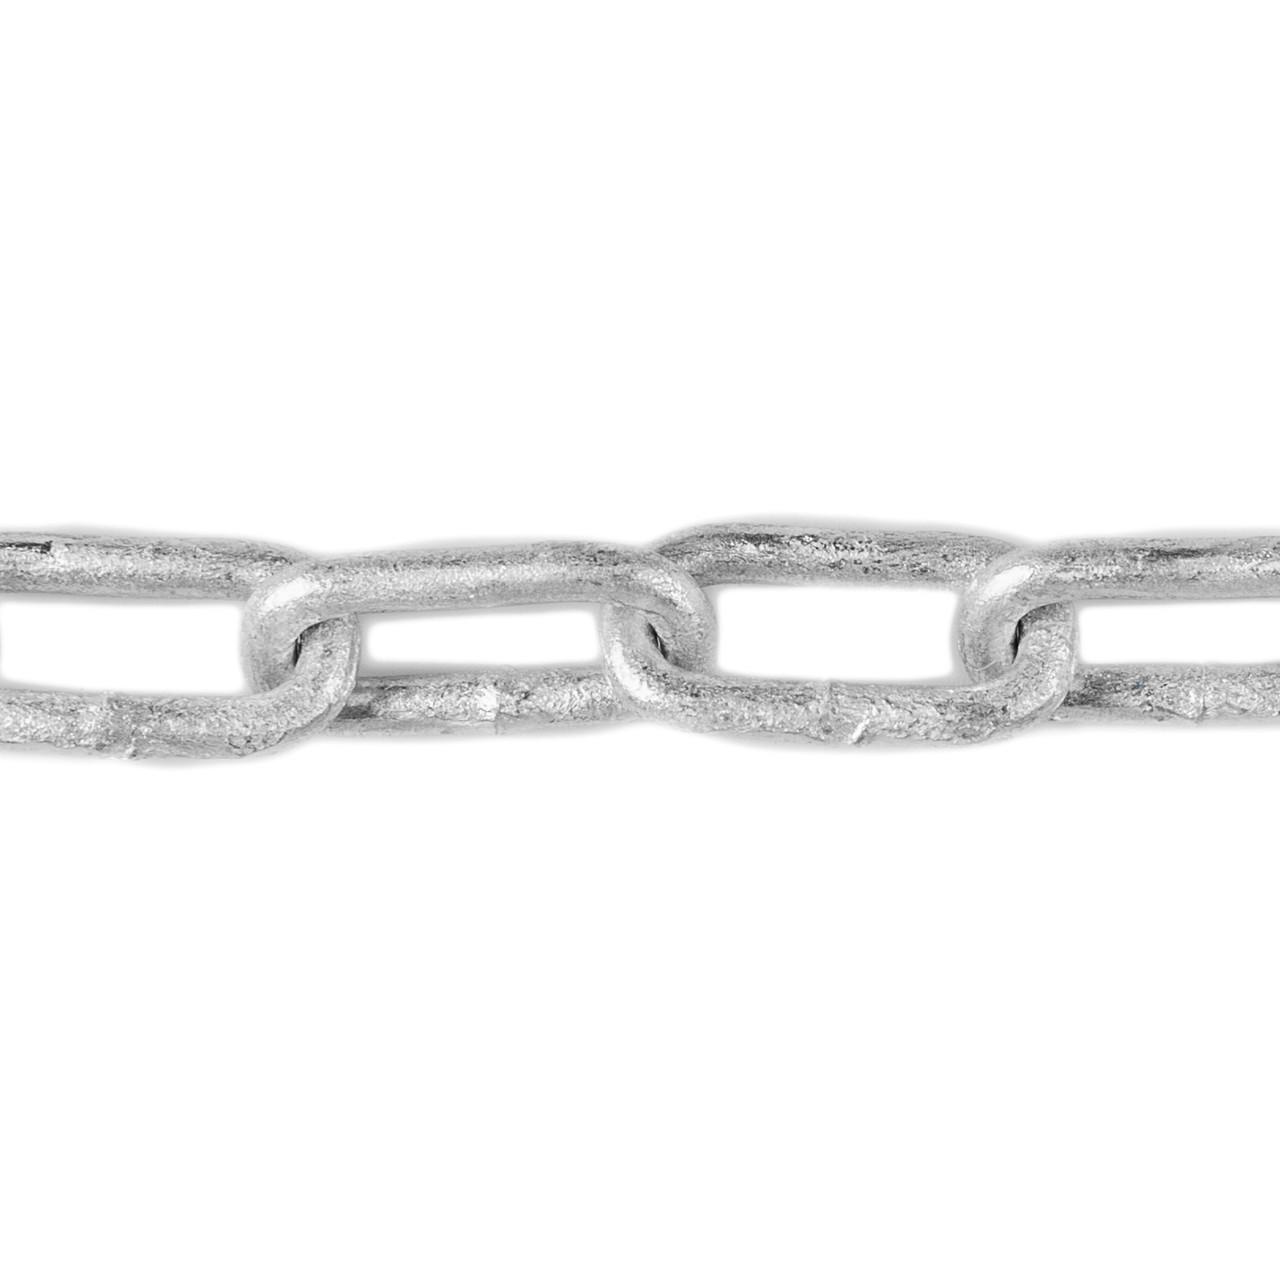 Galvanised Chain 3mm